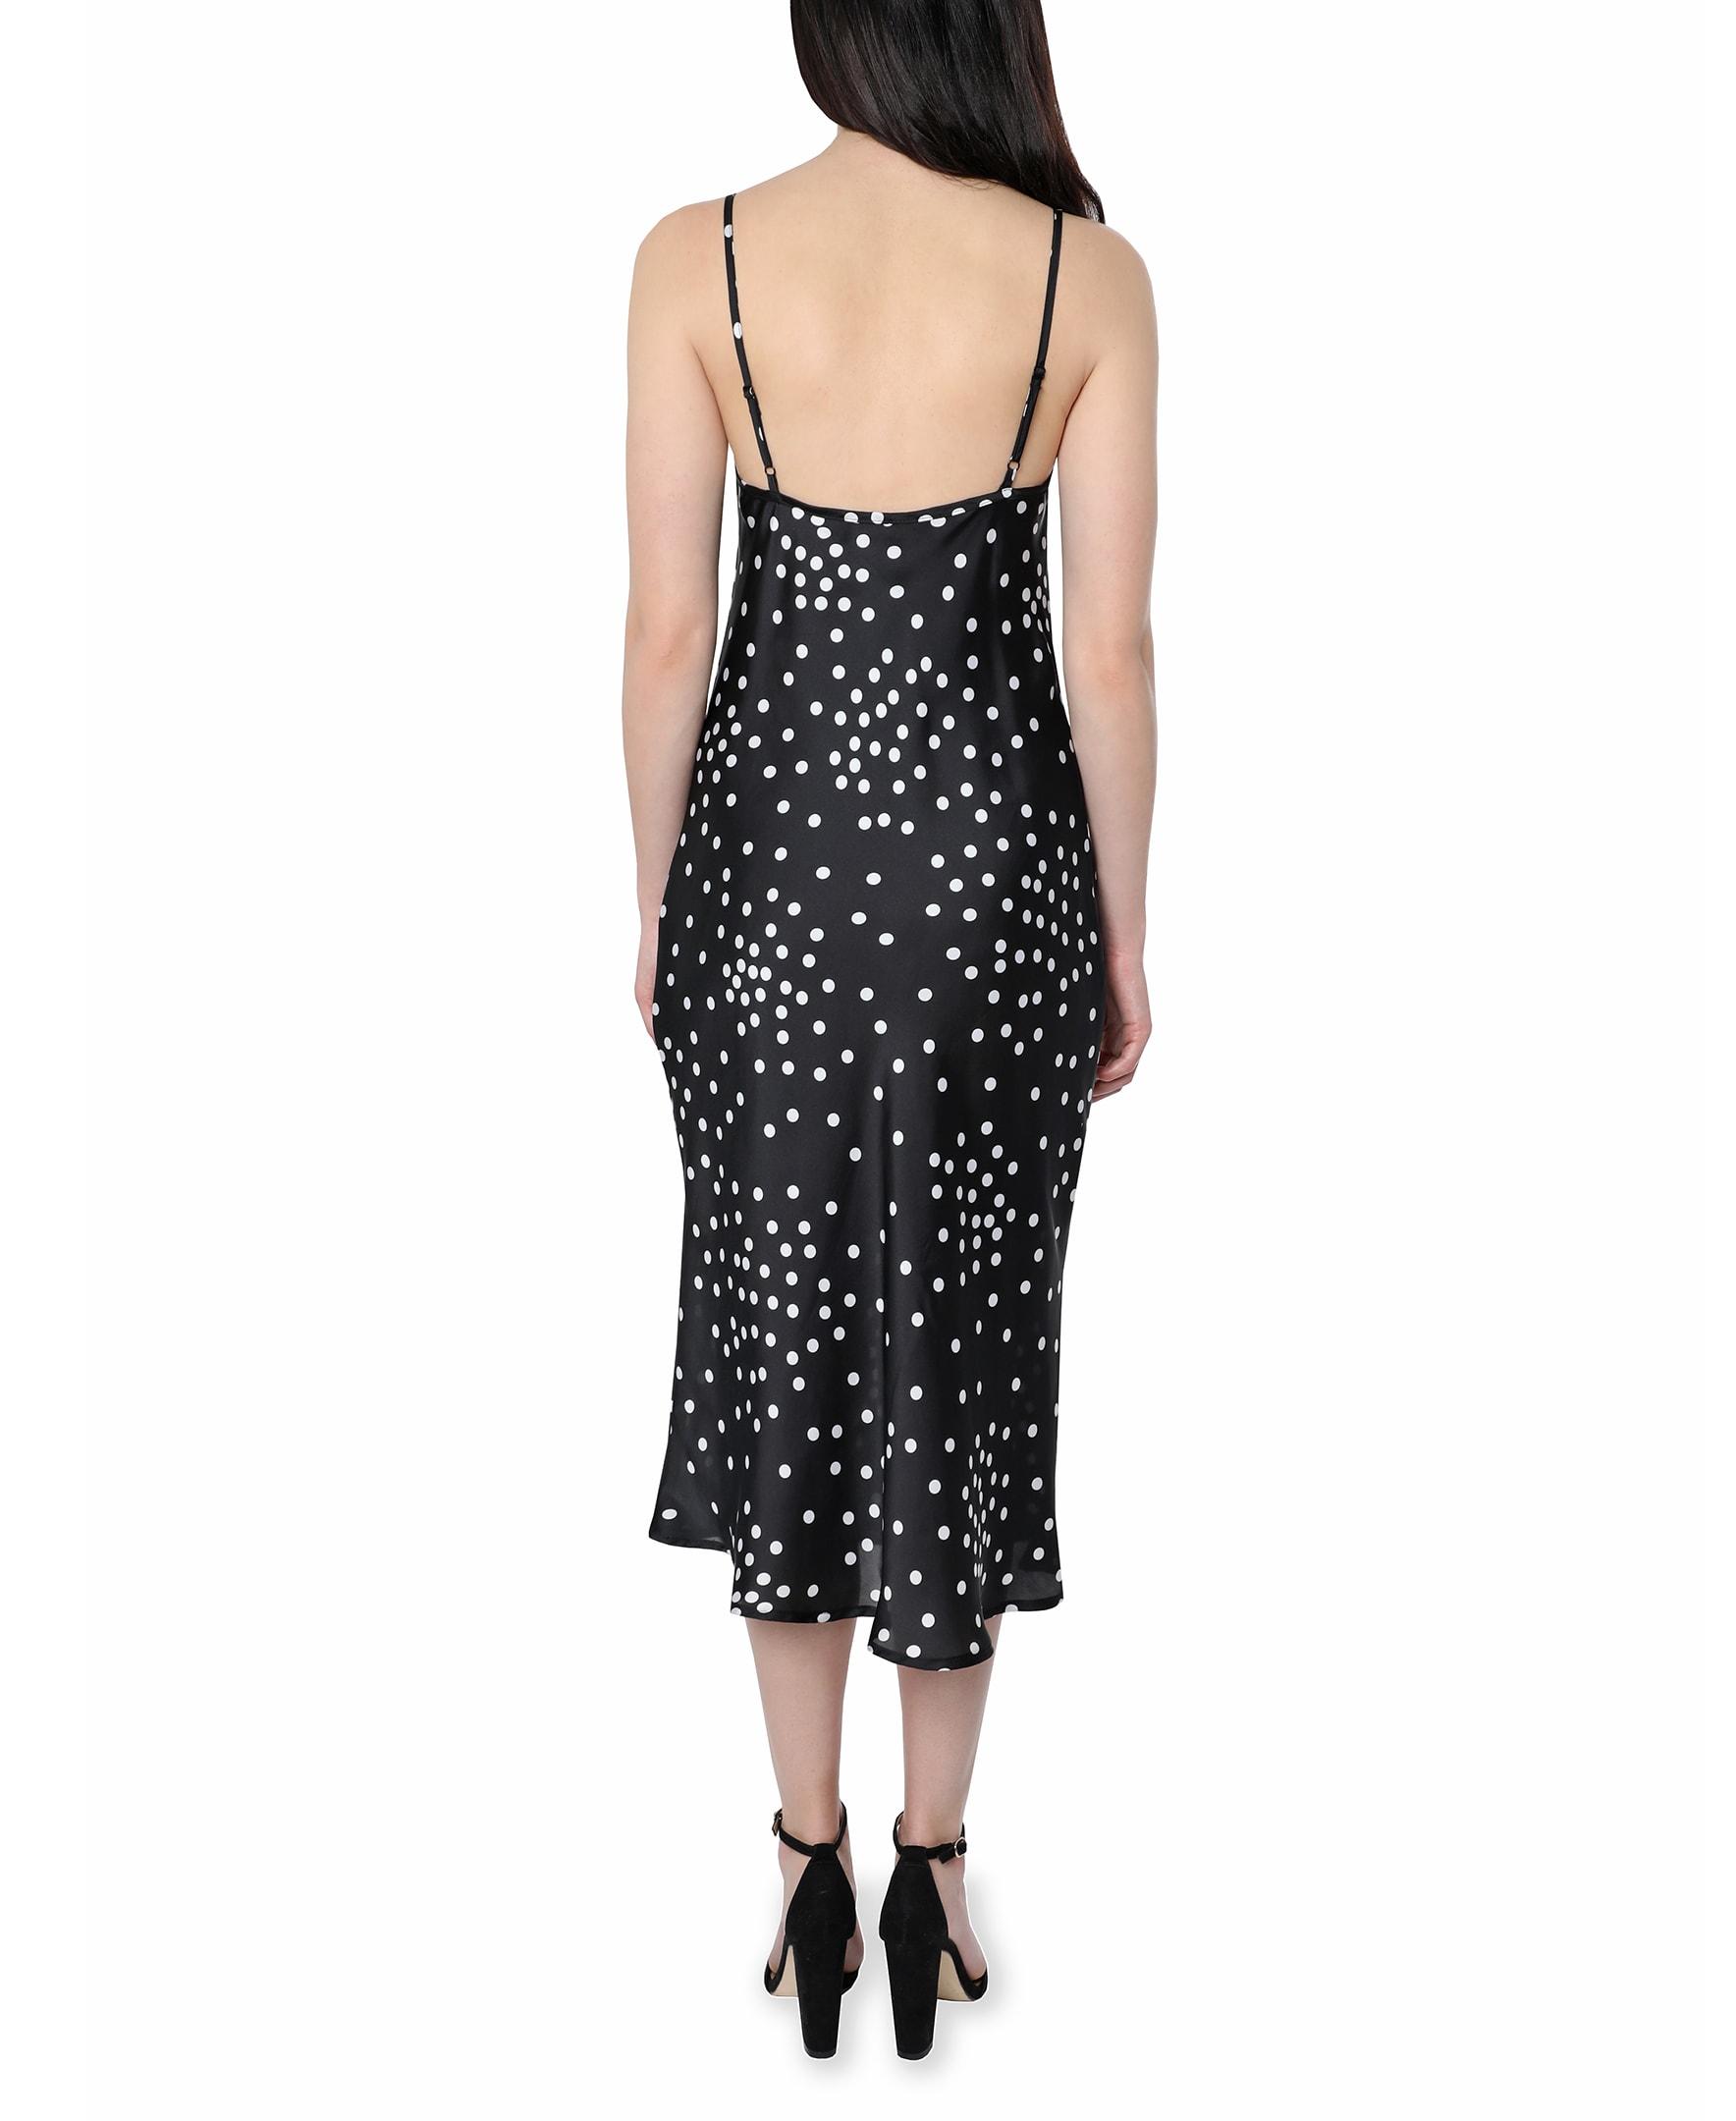 Bebe Polka Dot Satin Midi Dress - Black/white - Back